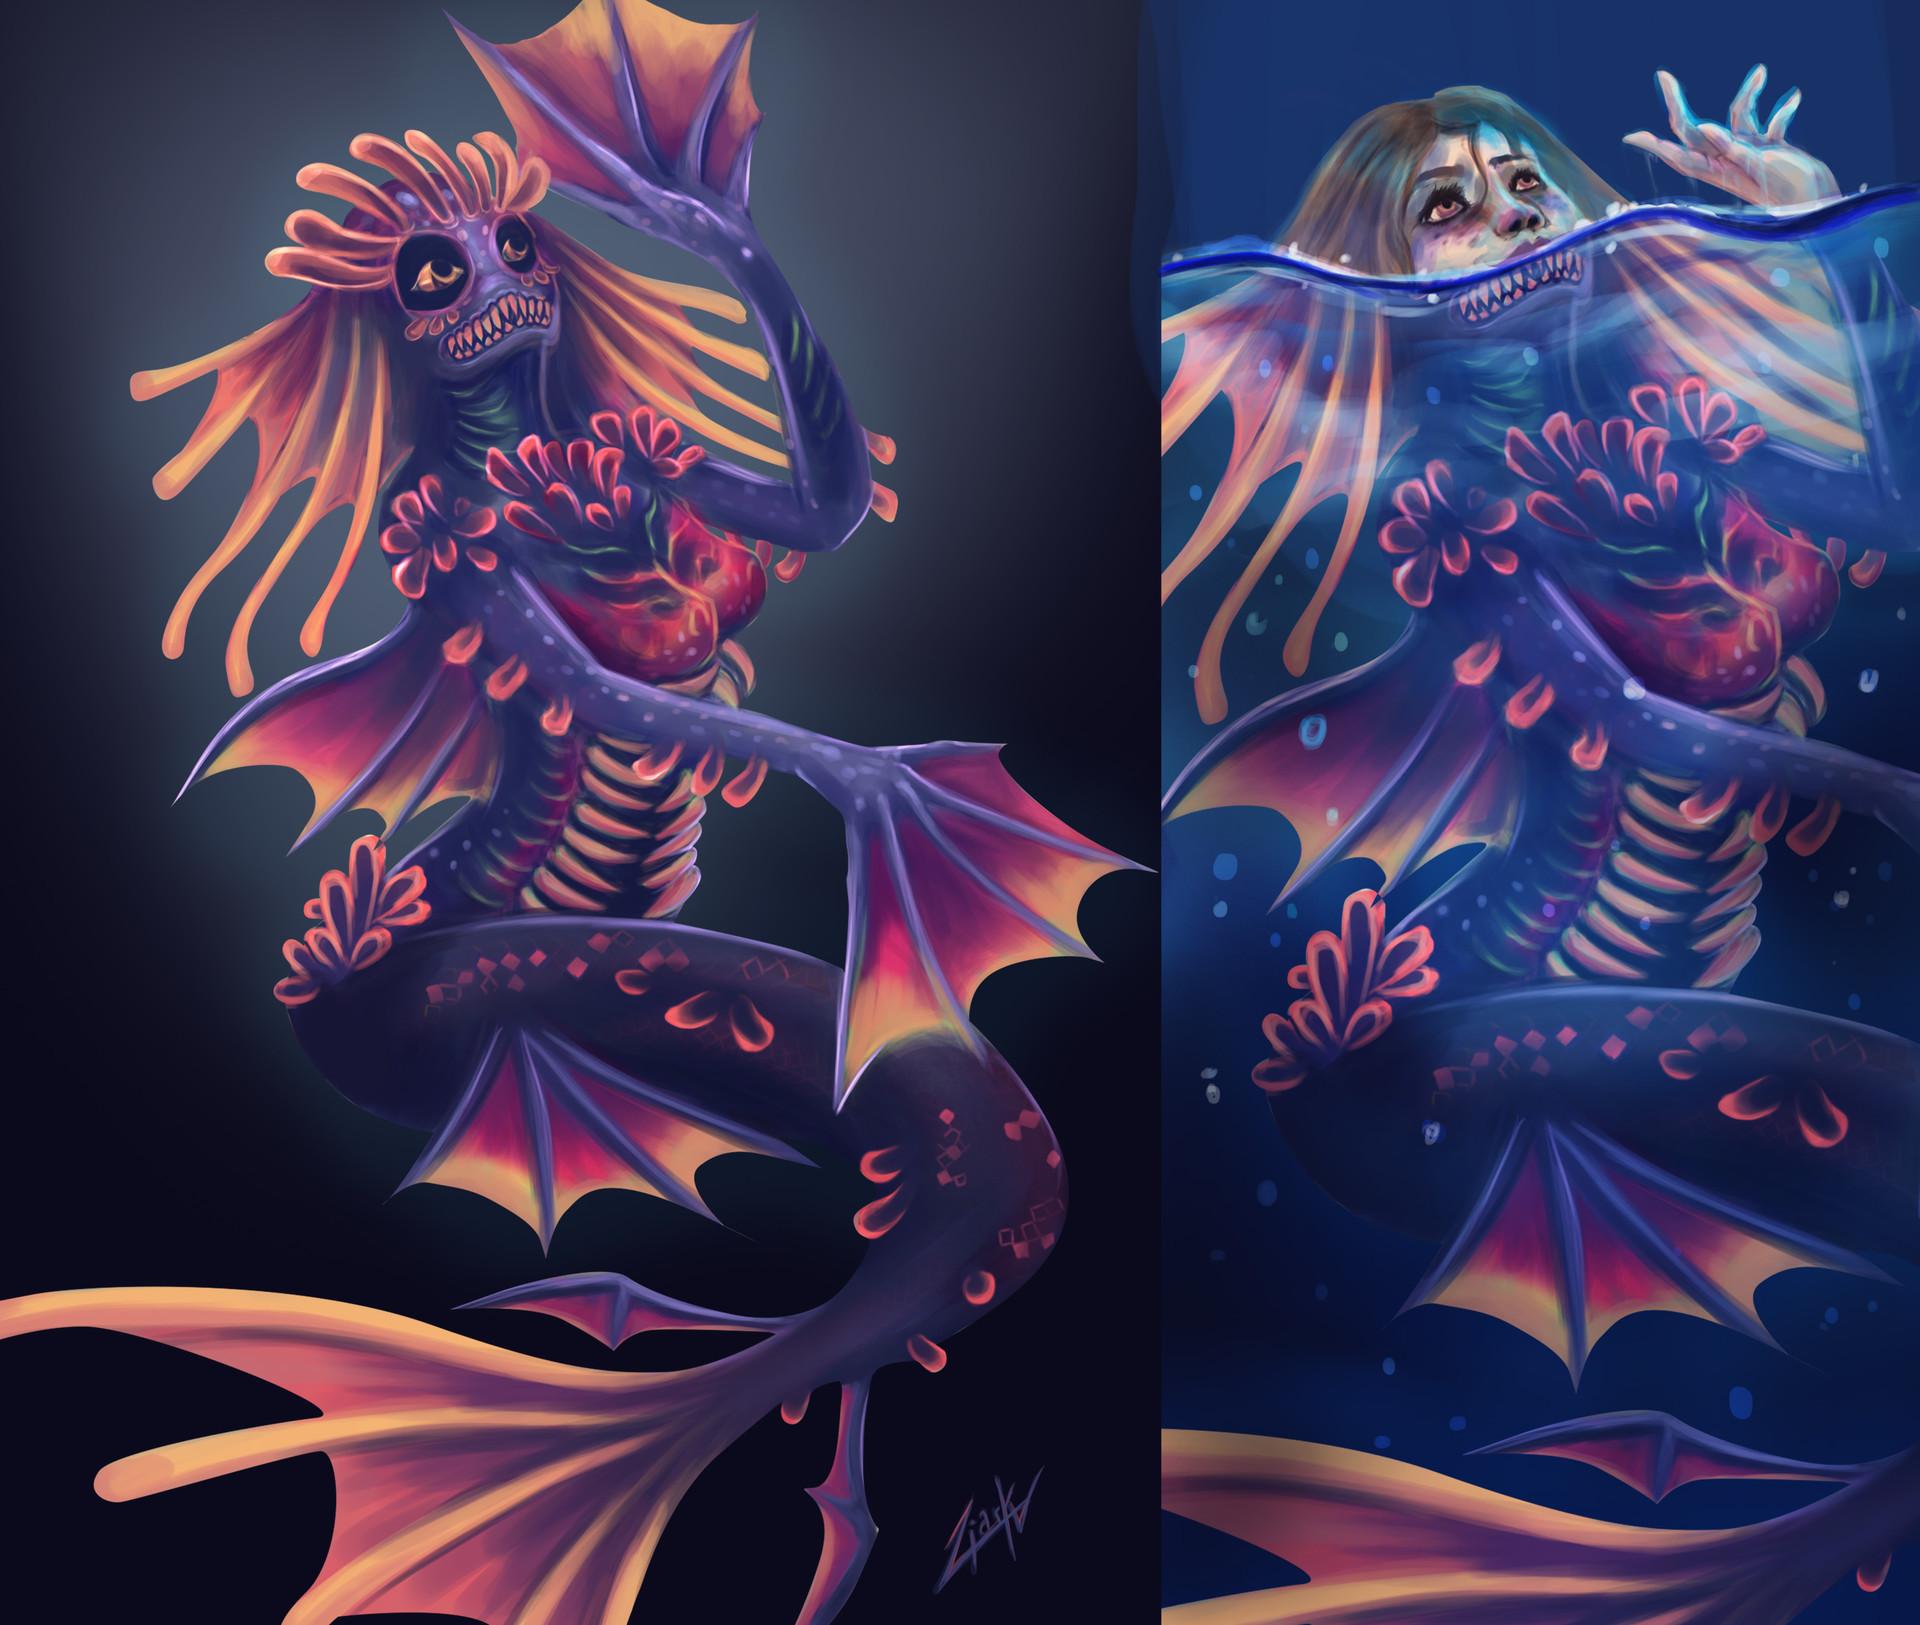 Liark2z a mermaid concept by liark2z da592bn